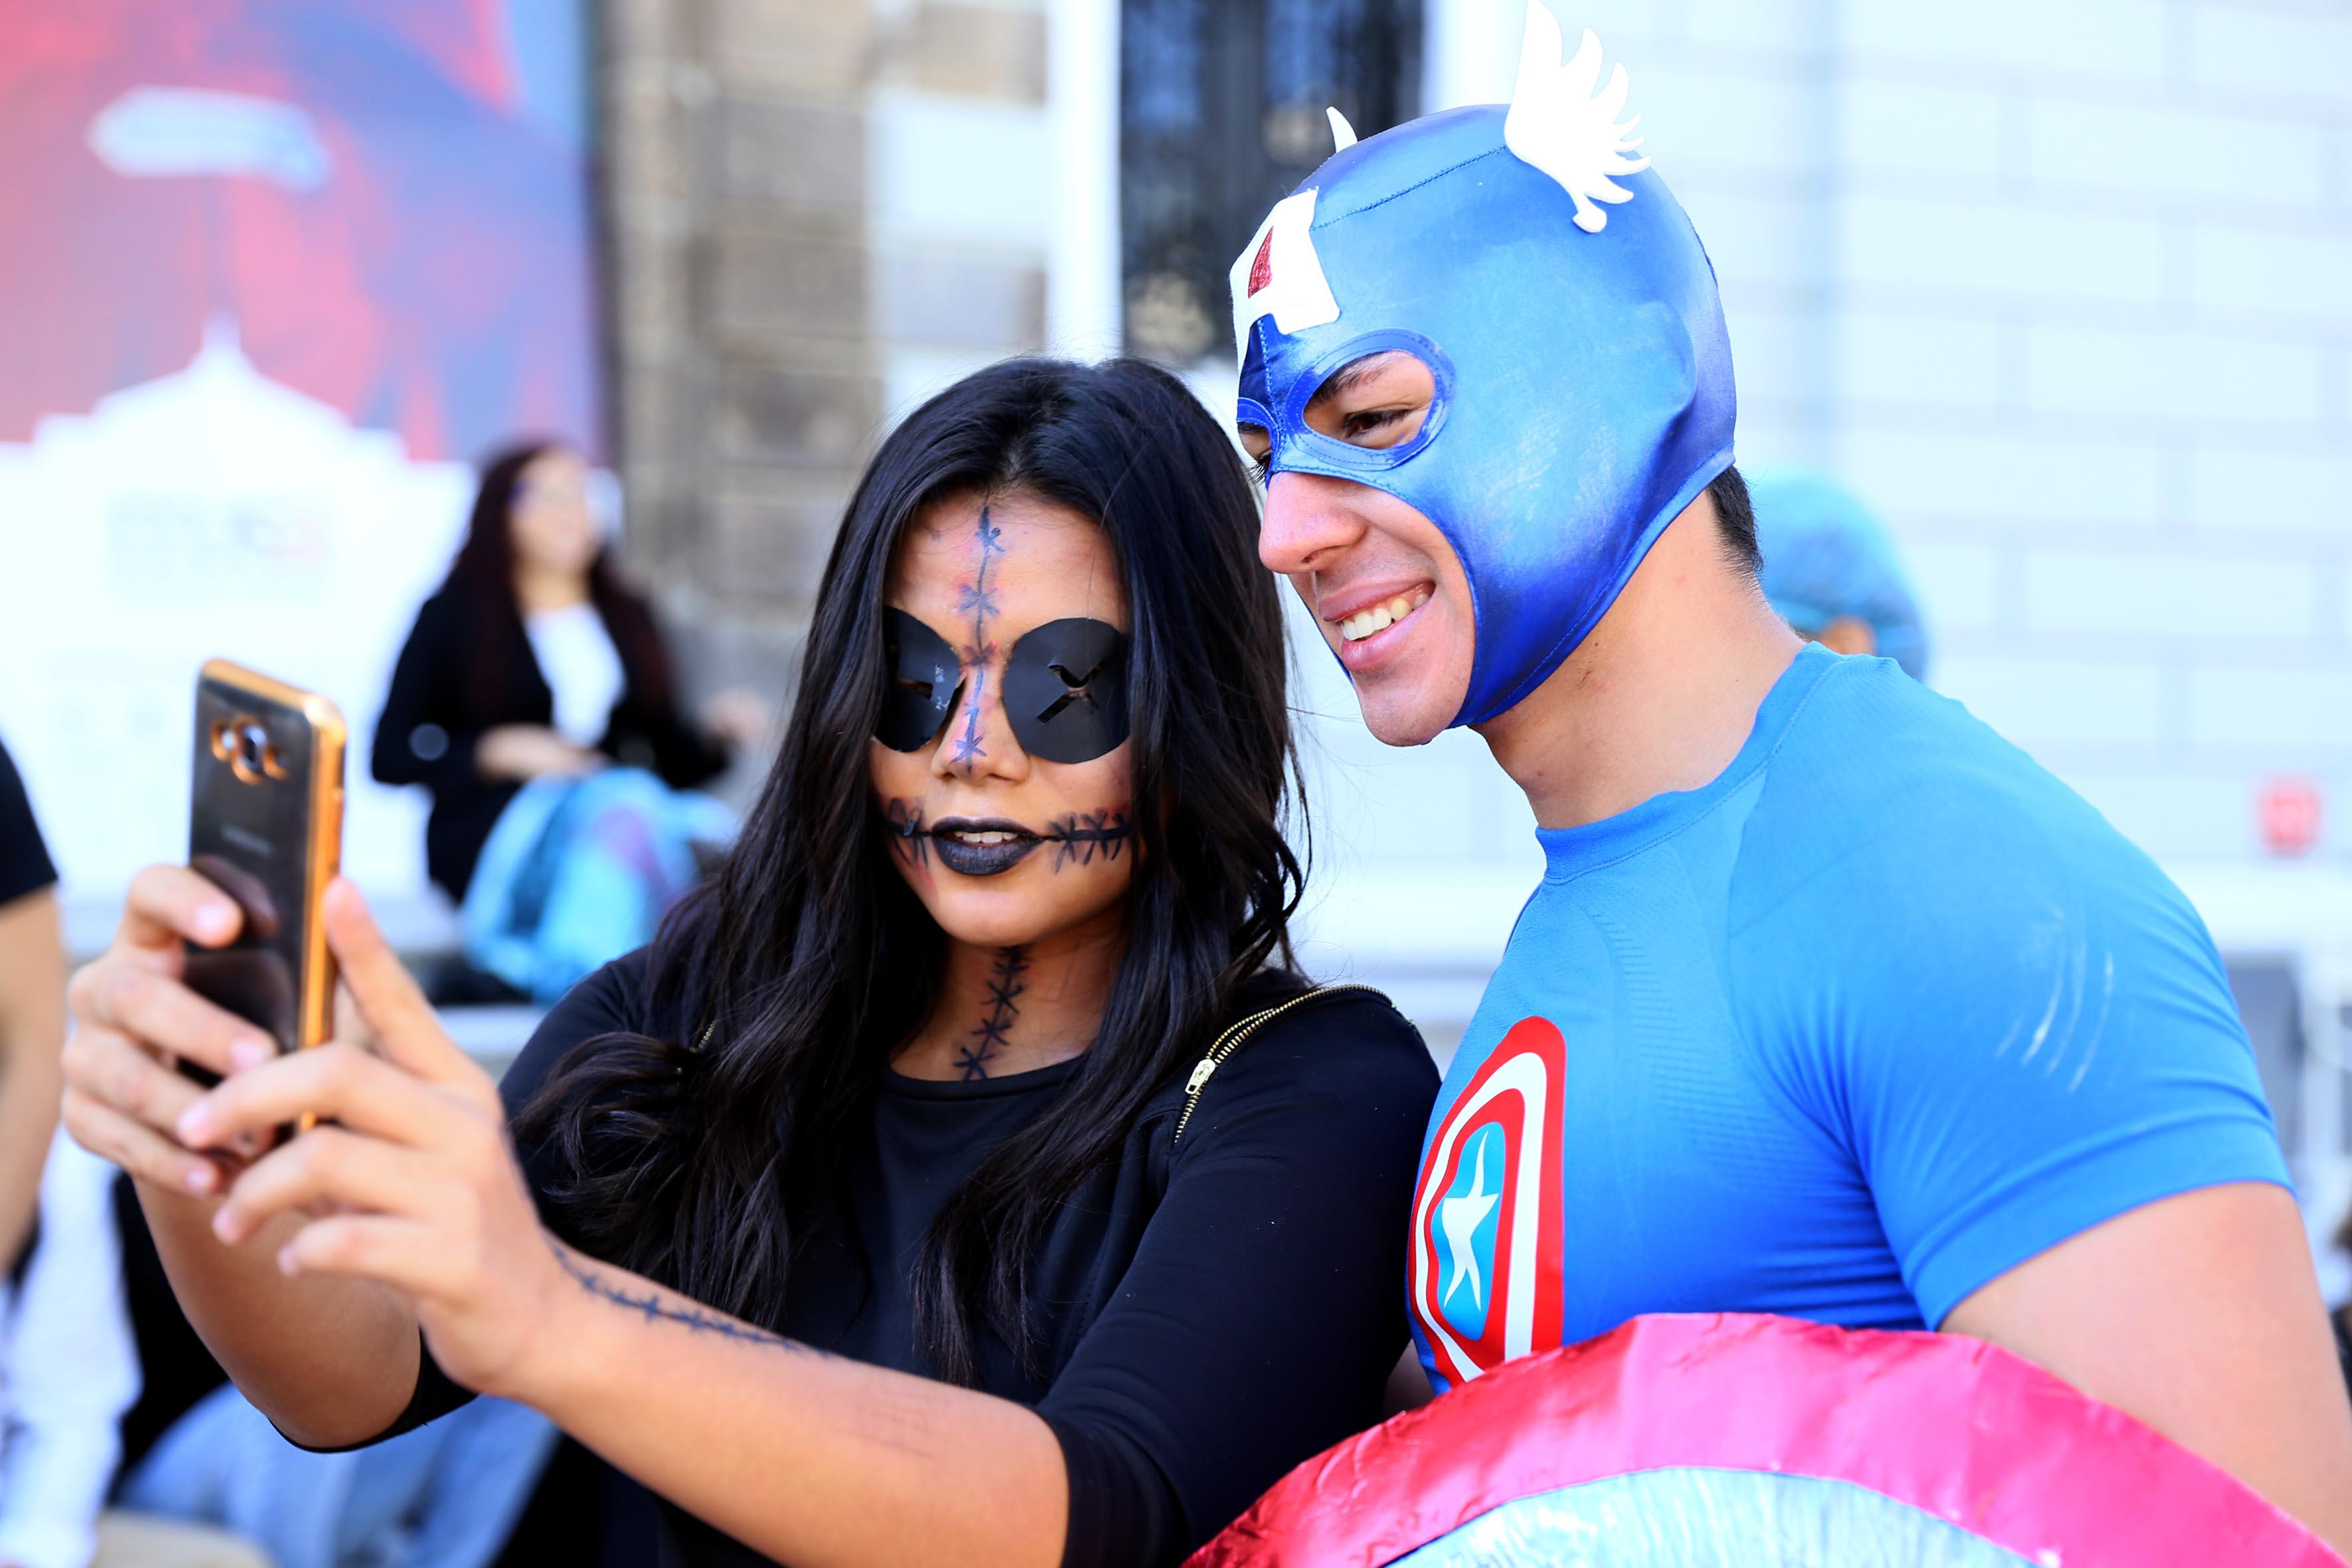 Estudiantes del CUCEI disfrazados, para participar en Aquelarre 2016